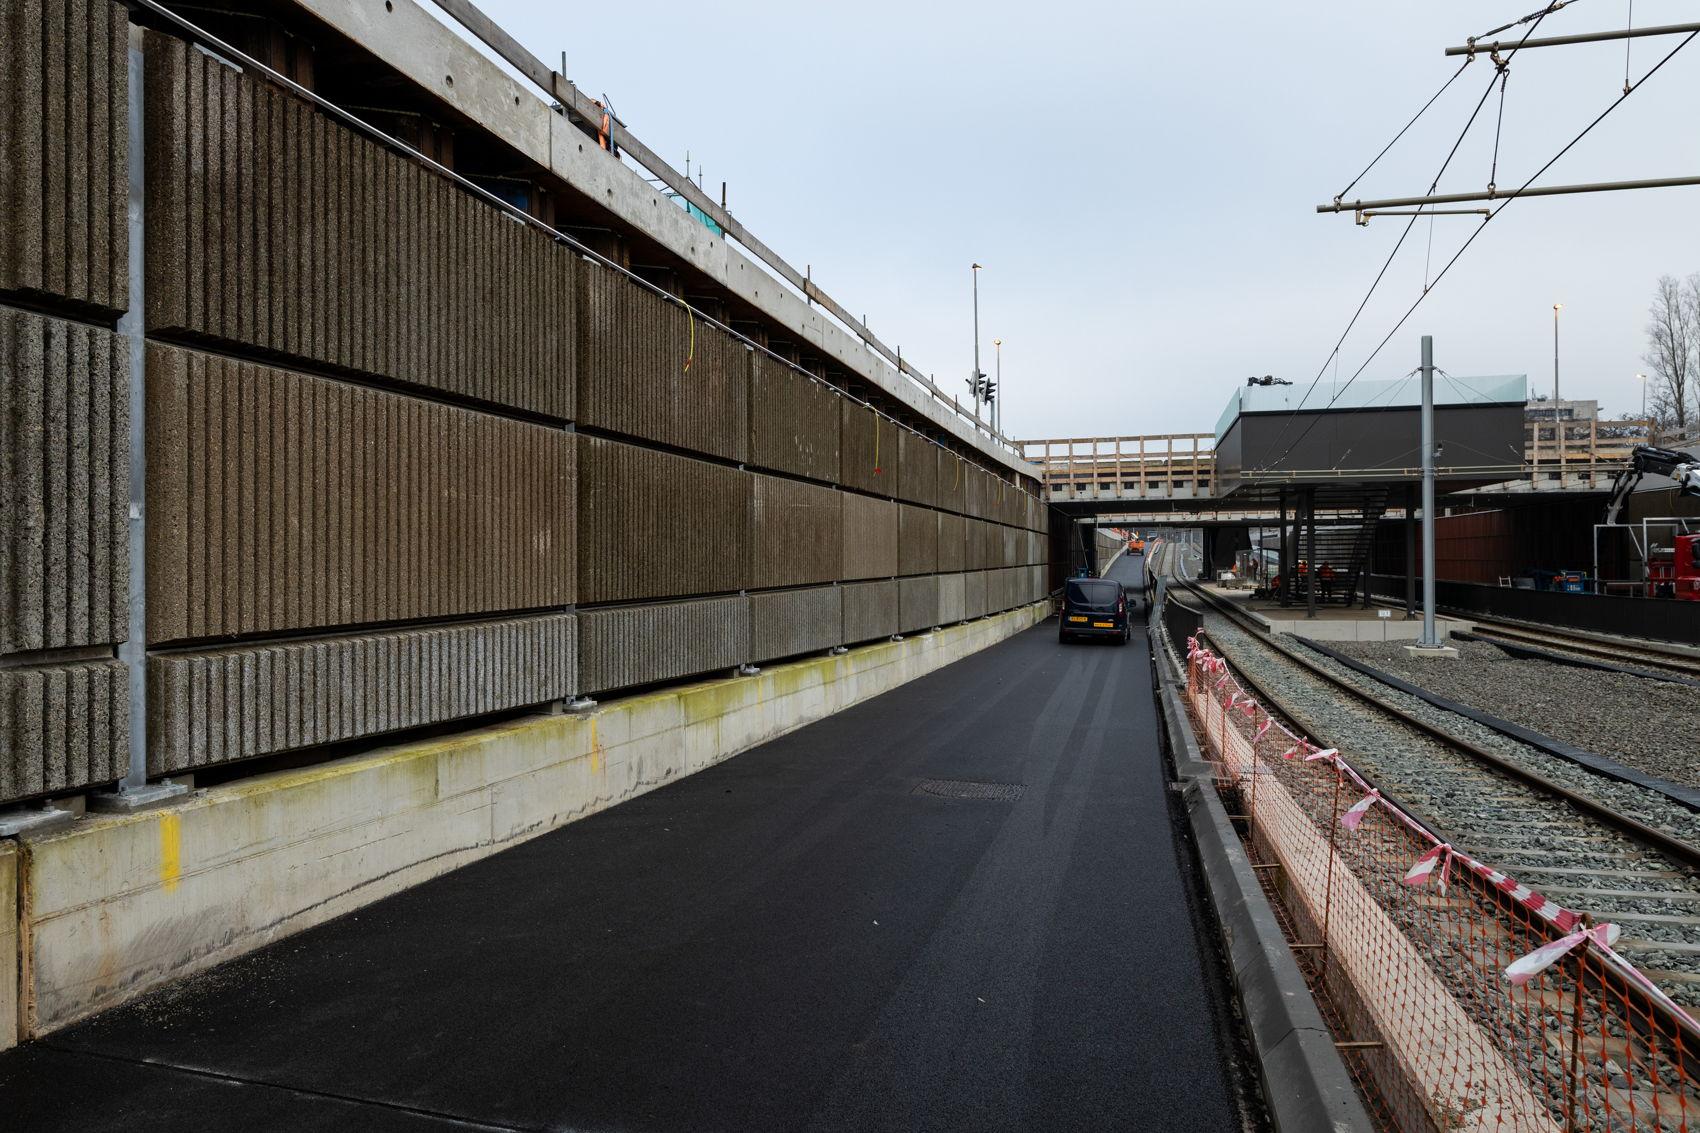 Een mooie plak asfalt in de bak bij Kronenburg. En wat zien we daar in de verte? Heeft daar stiekem iemand al de primeur van het rijden door de bak? U kunt voor het eerst op maandag 3 februari door de bak rijden.